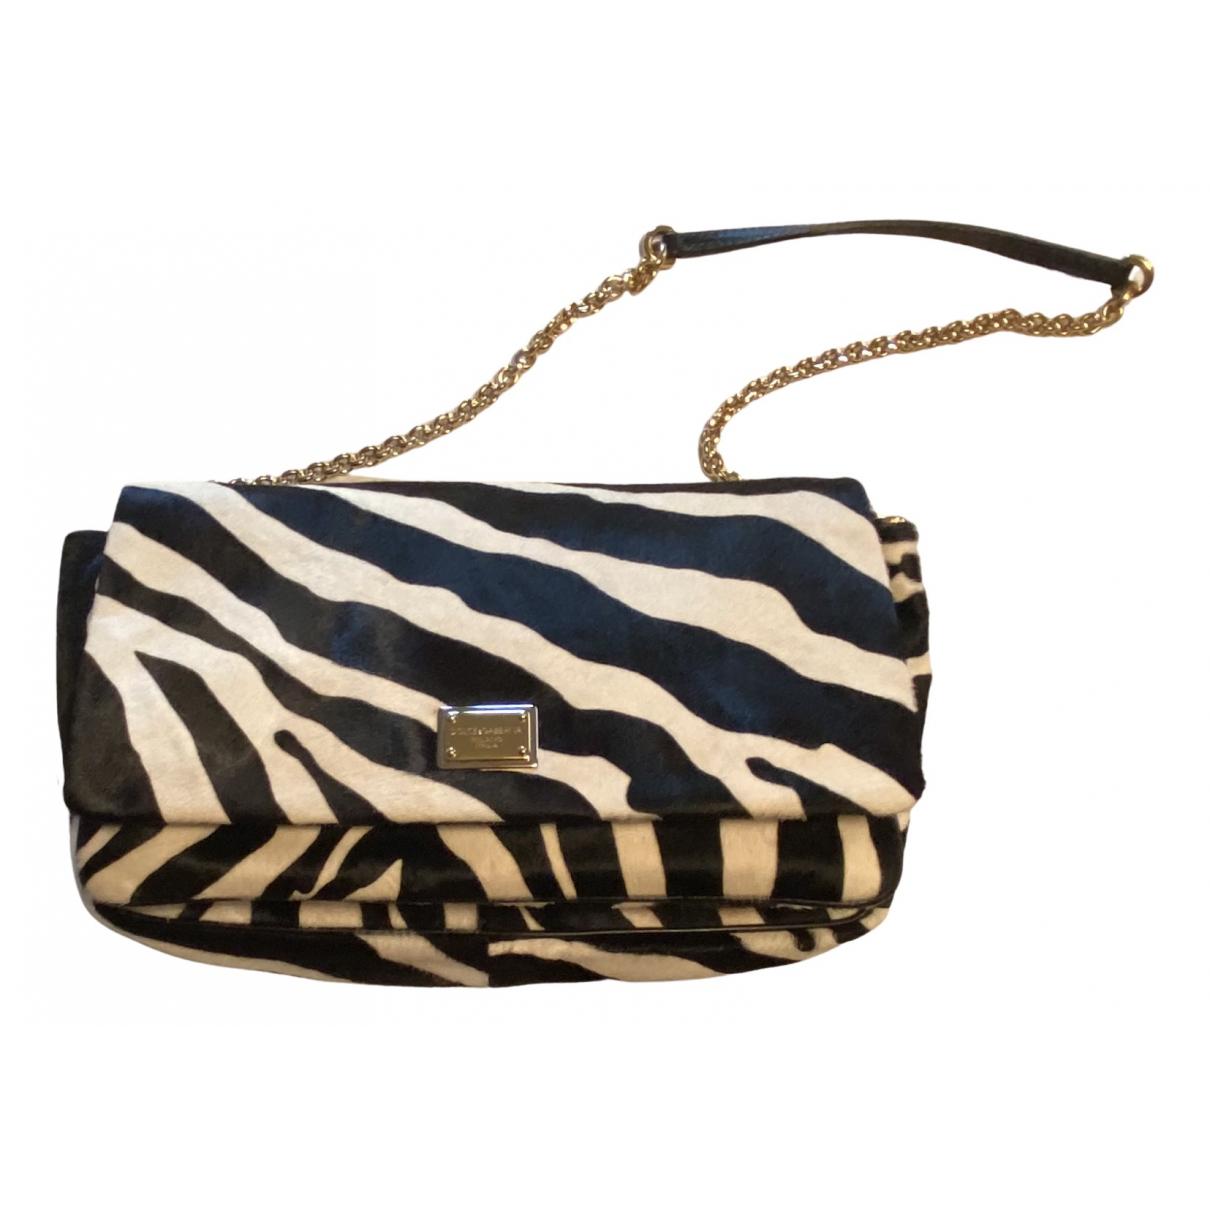 Dolce & Gabbana \N Handtasche in  Schwarz Kalbsleder in Pony-Optik